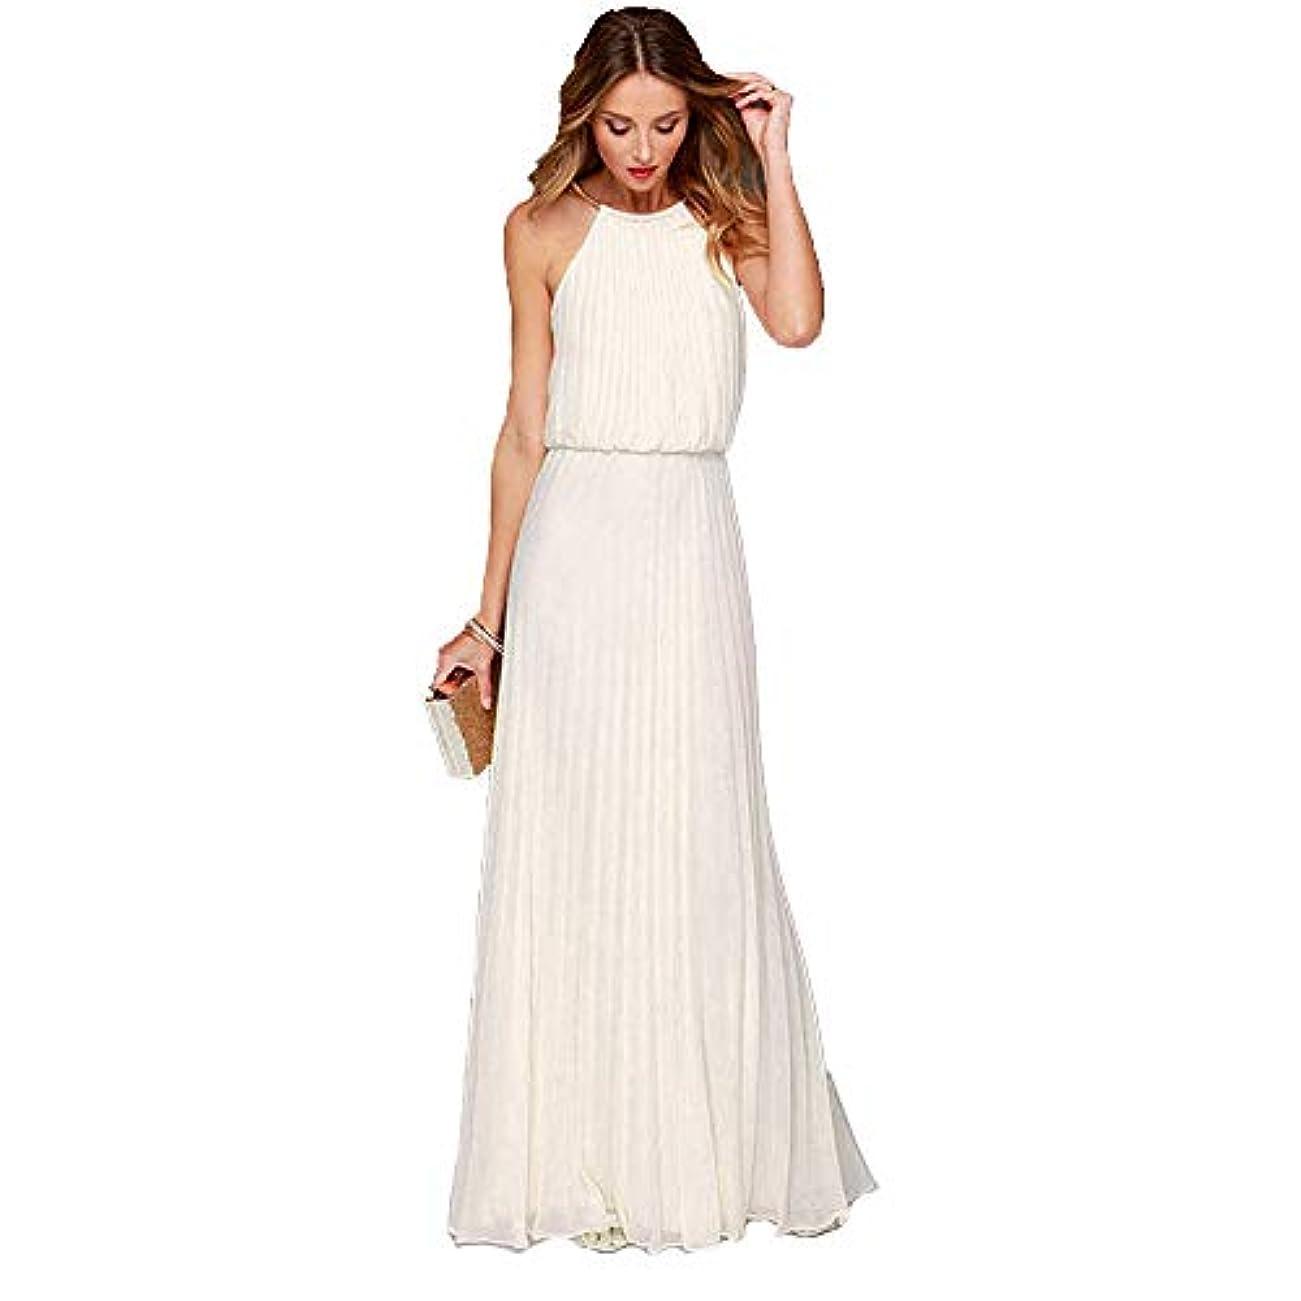 書道羊鉄道MIFANロングドレス、セクシーなドレス、エレガント、女性のファッション、ノースリーブのドレス、ファッションドレス、ニット、スリム